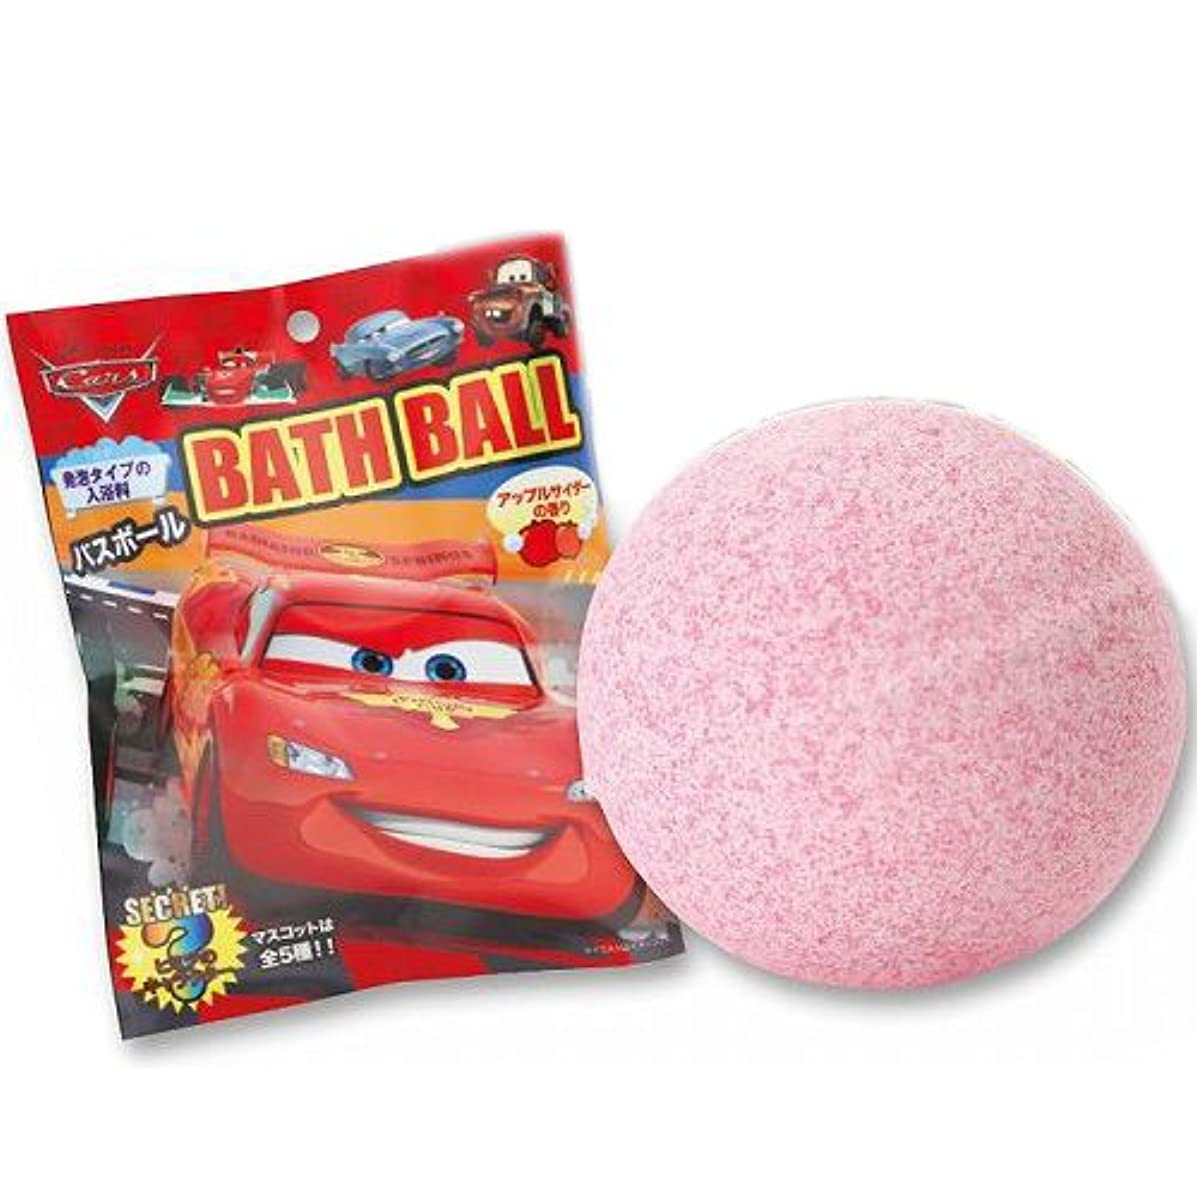 教えてつかまえるバケツカーズ バスボール 入浴剤 CARS マスコットフィズ バスフィズ おもちゃ グッズ コレクション 12937【即日?翌日発送】